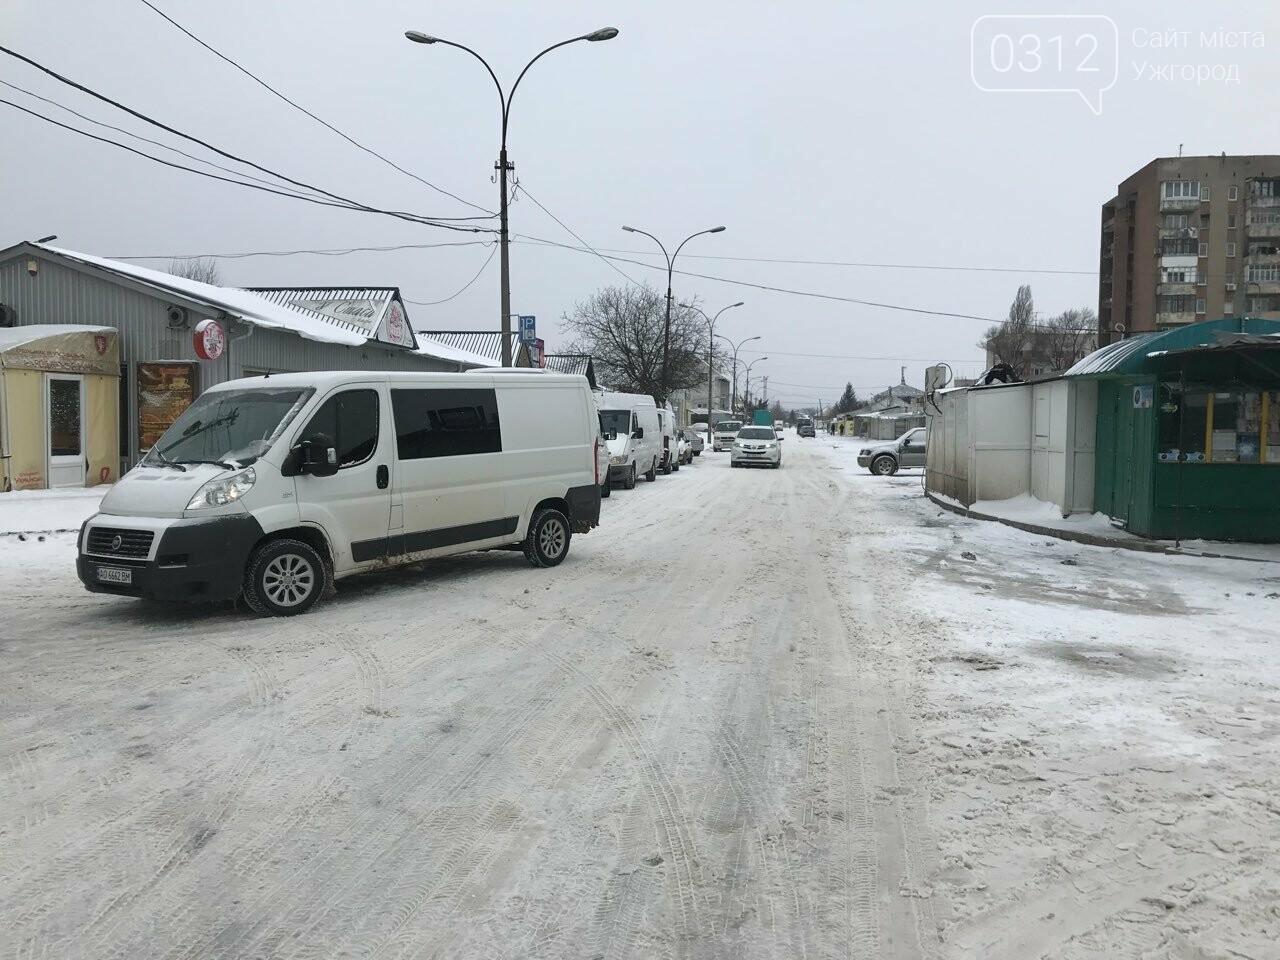 Ужгородські вулиці ще нерозчищені повністю, хоча спецтехніка активно працює (ФОТО), фото-8